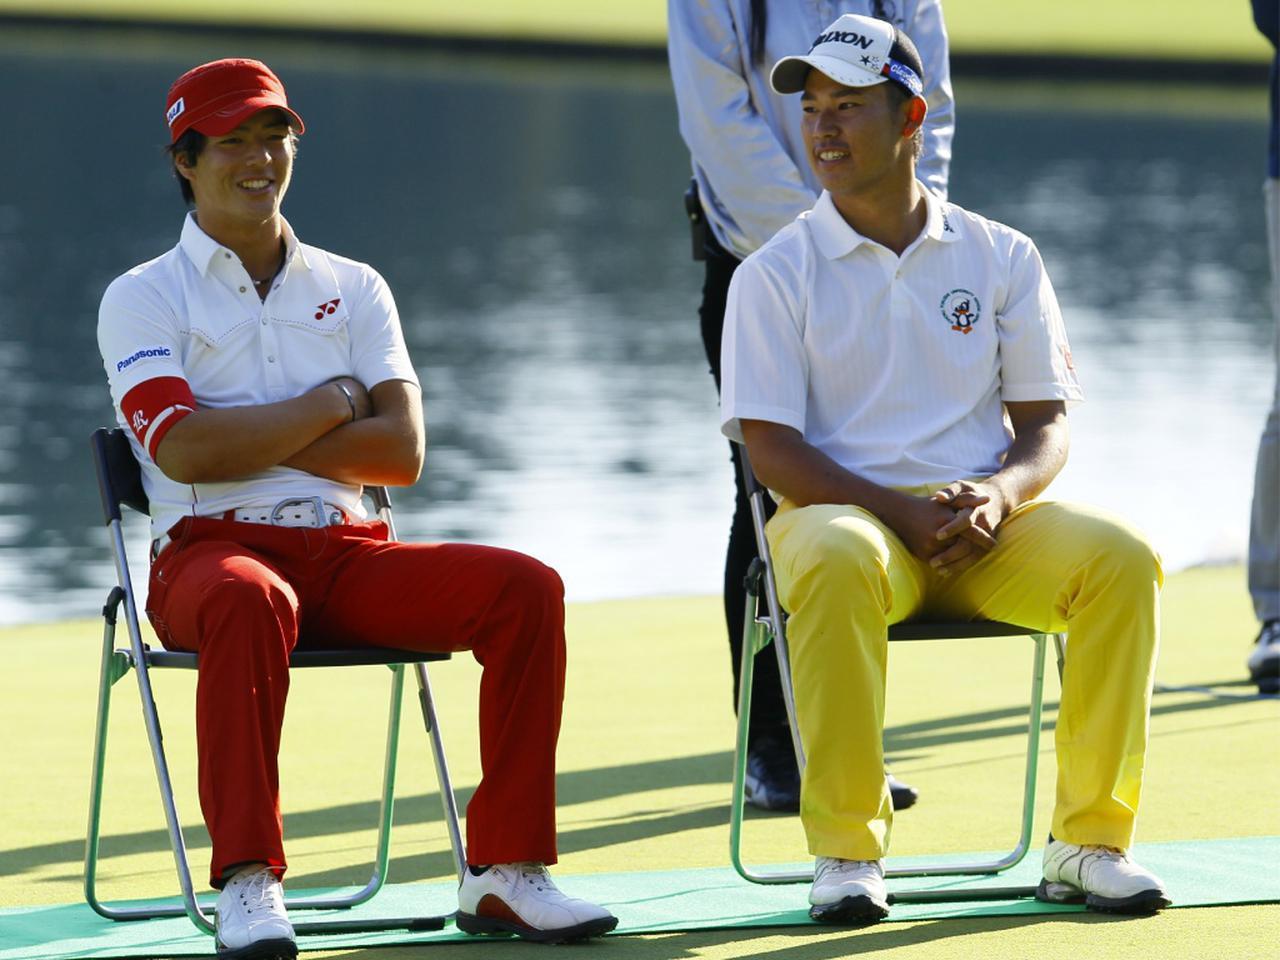 画像4: 【ゴルフ史】記憶と記録に残る。21世紀ニッポンのツアー、そのとき歴史は動いた